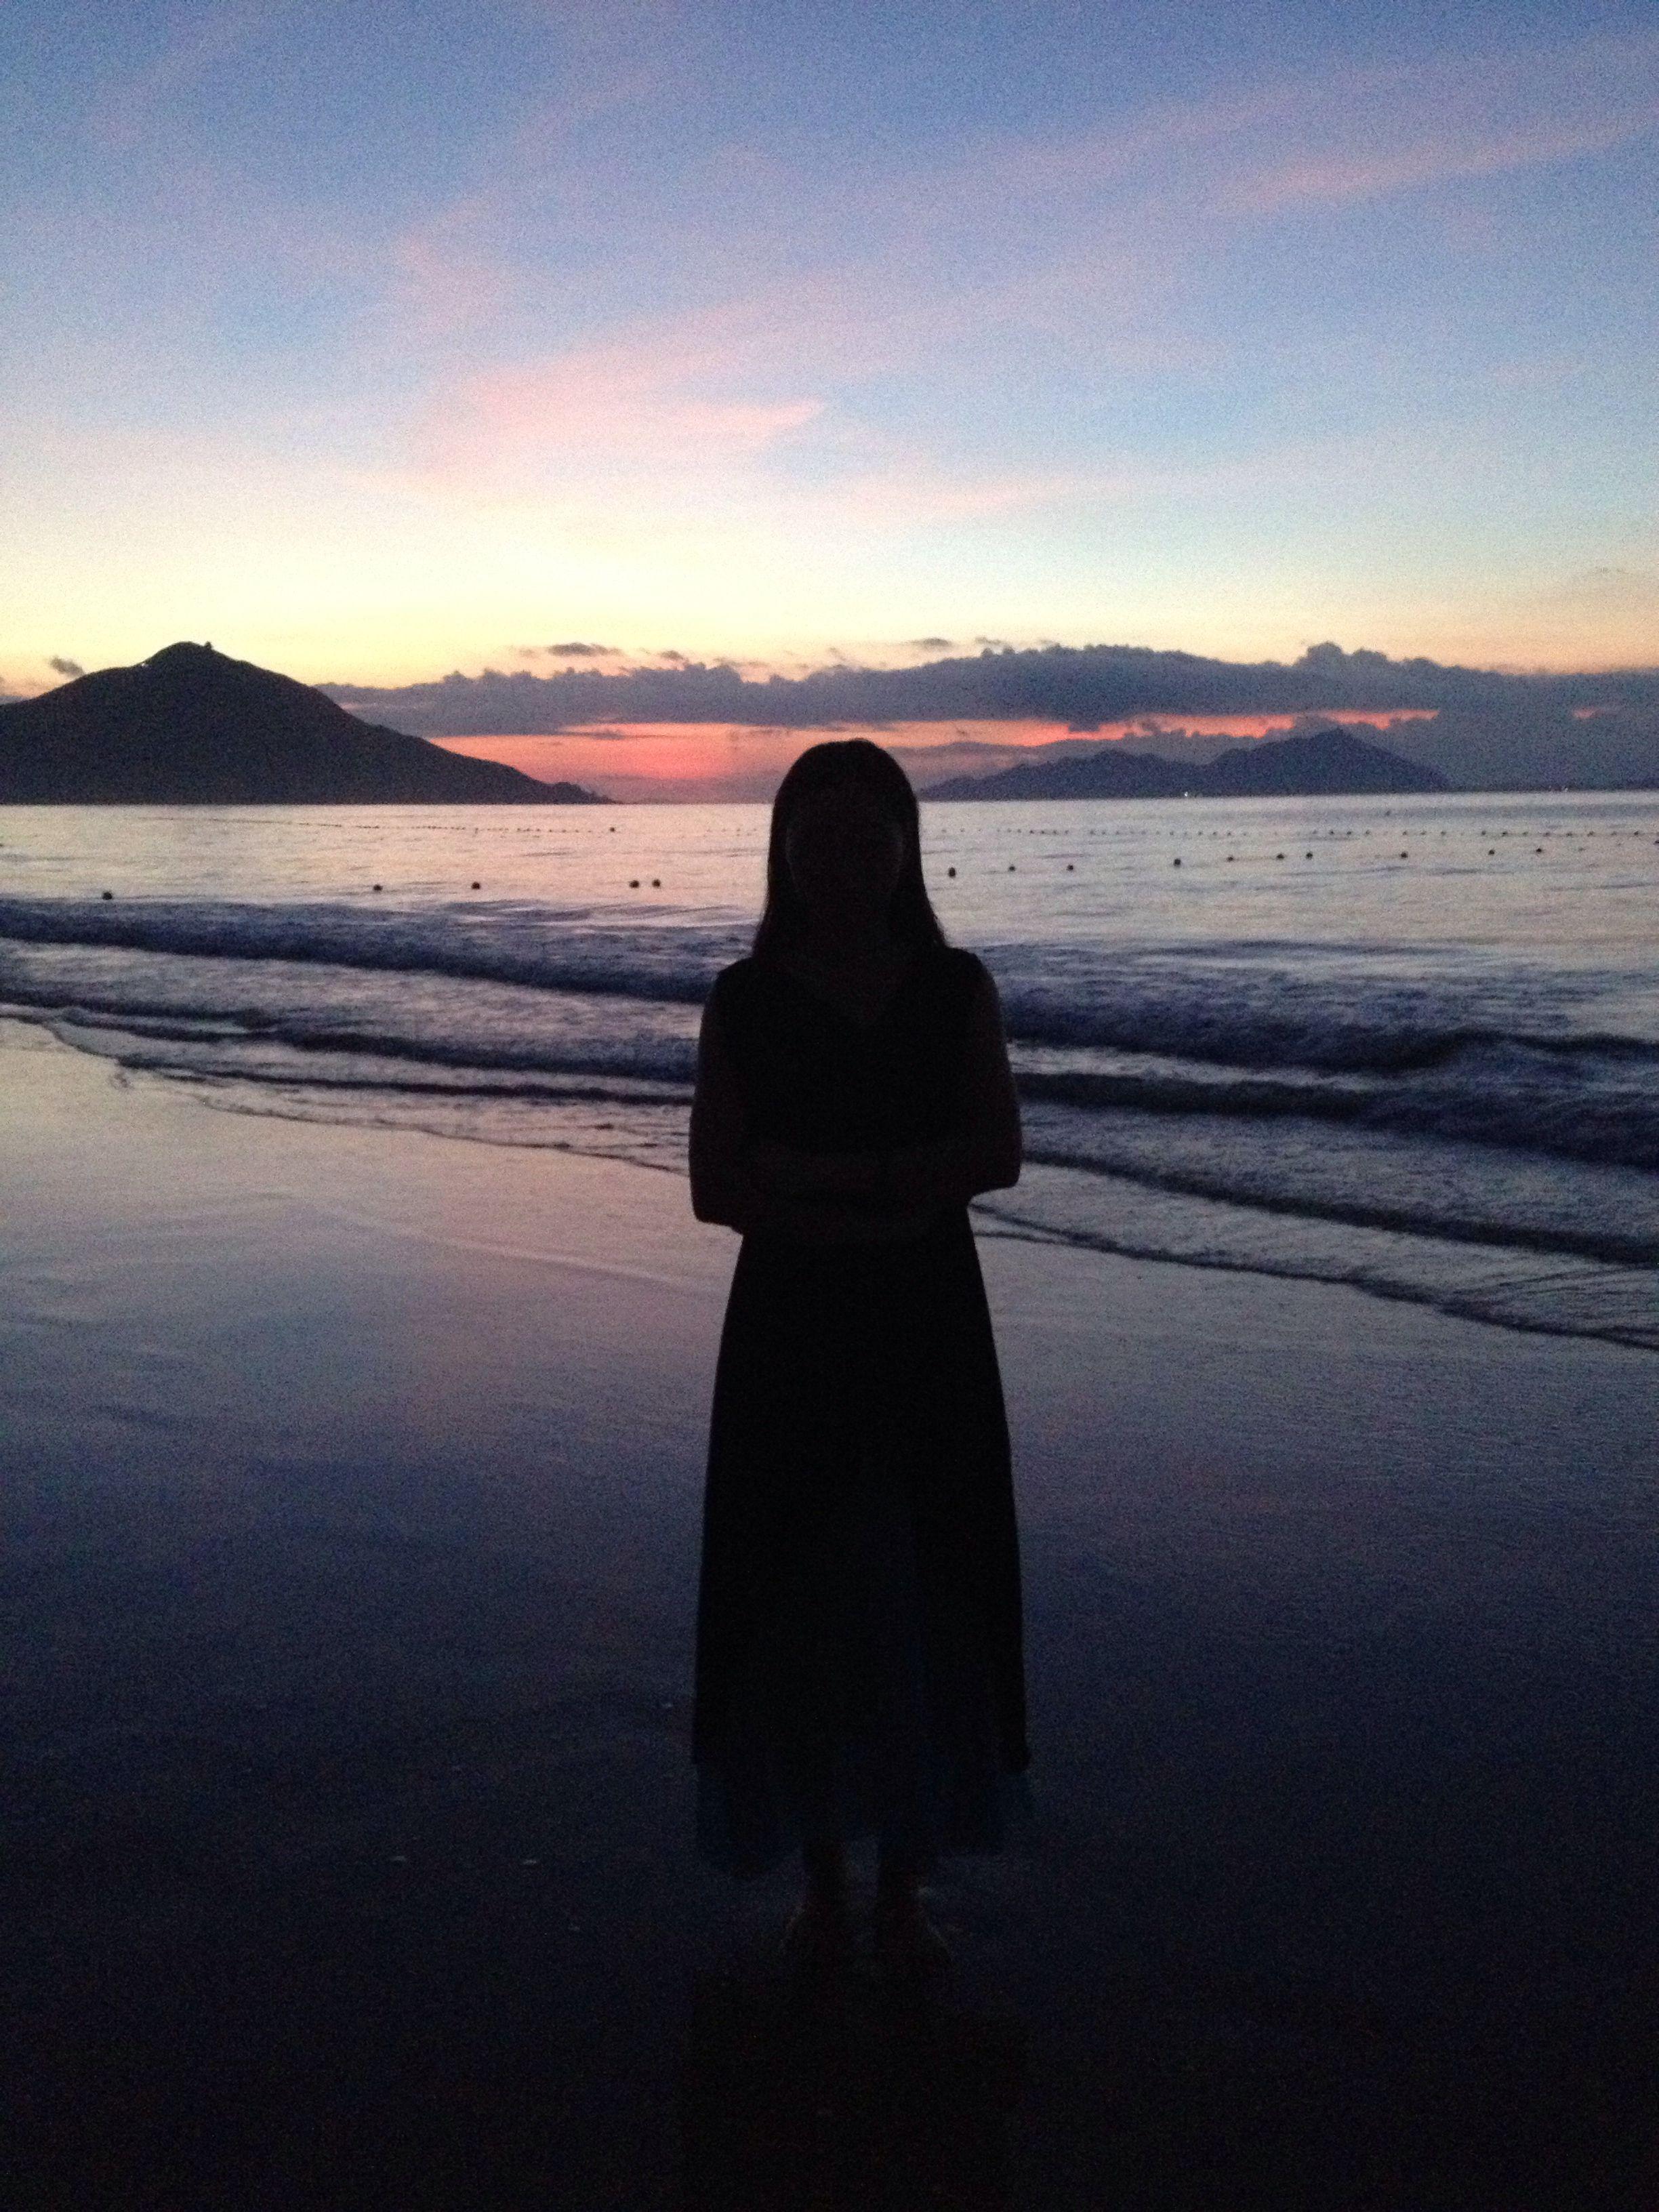 日出的背影